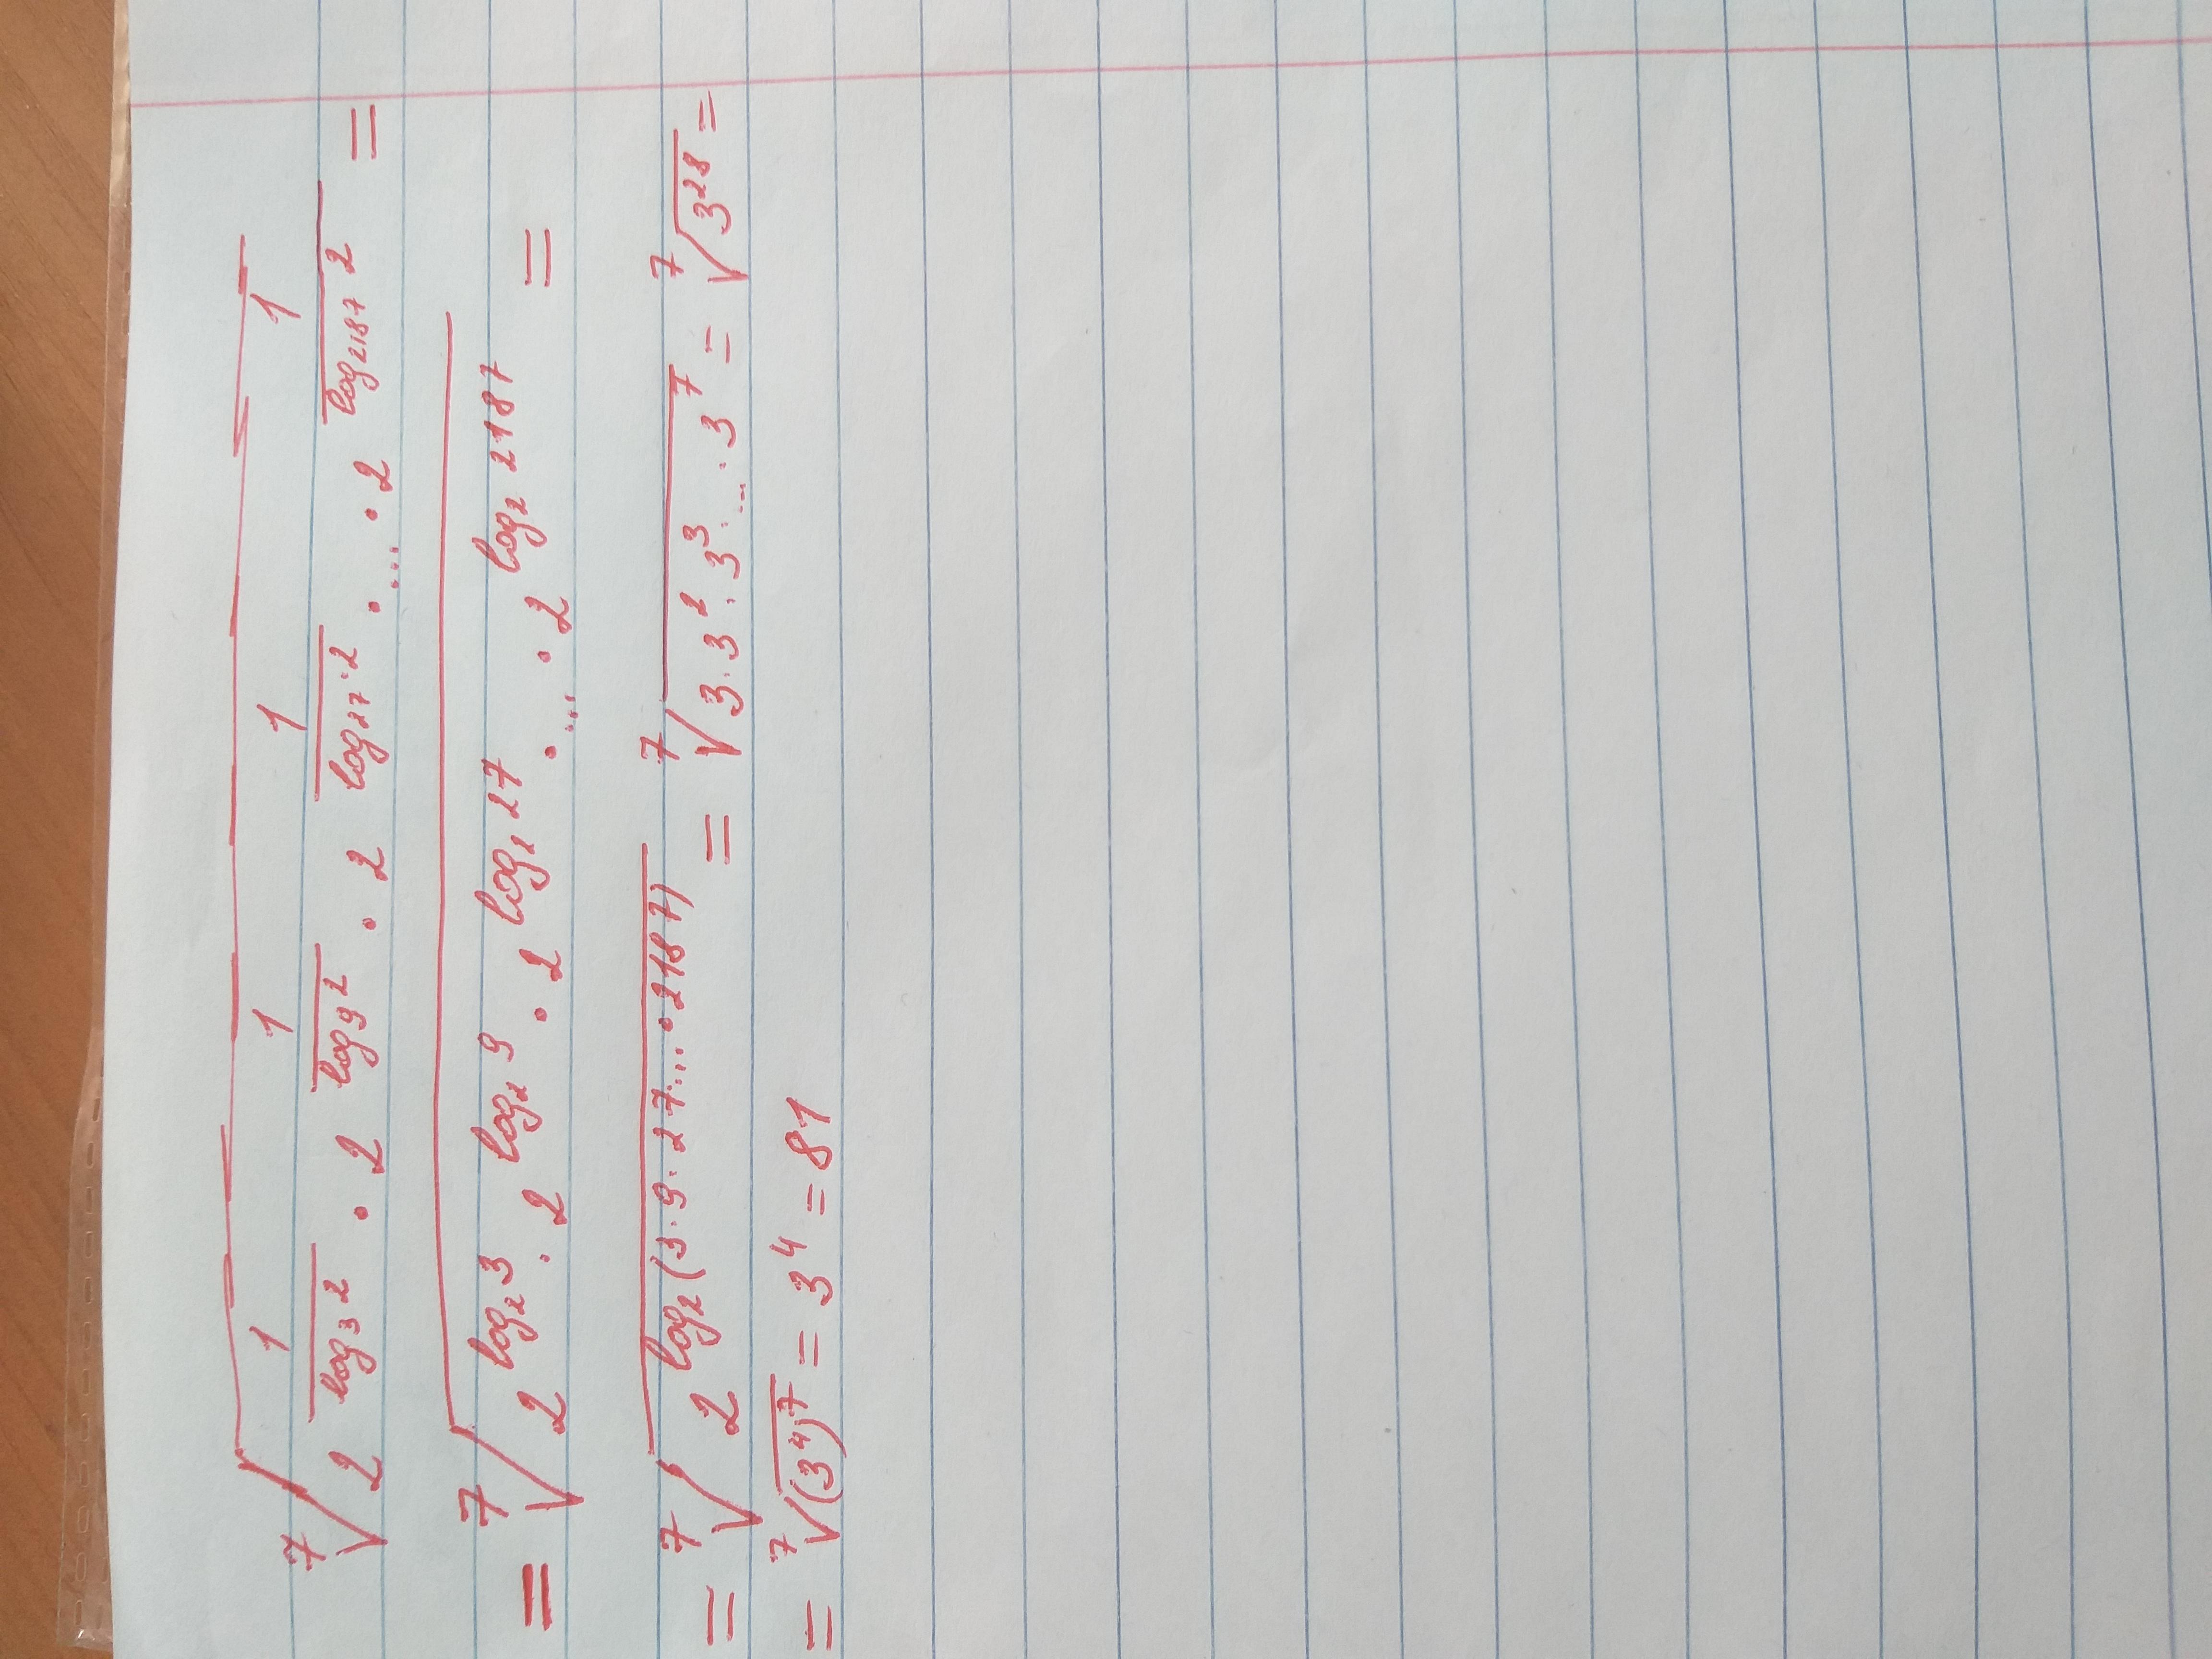 7корень из 2^1/log3^2 * 2^1/log9^2 *